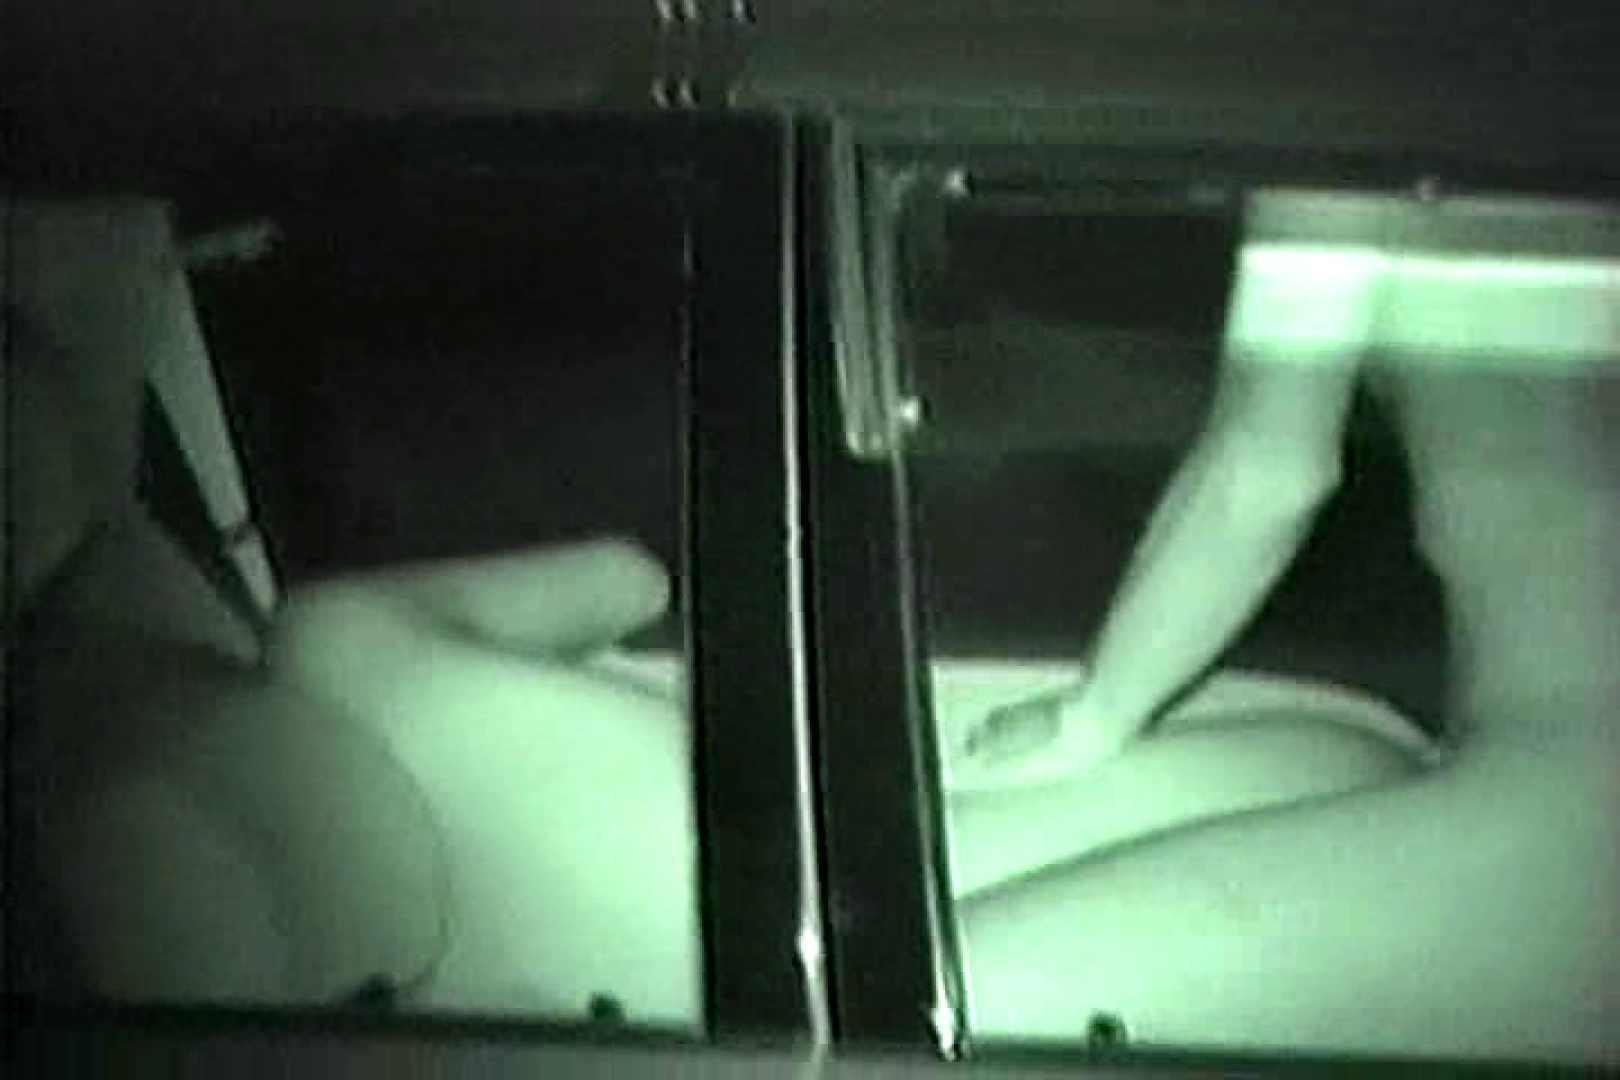 車の中はラブホテル 無修正版  Vol.9 ホテルでエッチ 盗撮オマンコ無修正動画無料 58pic 33